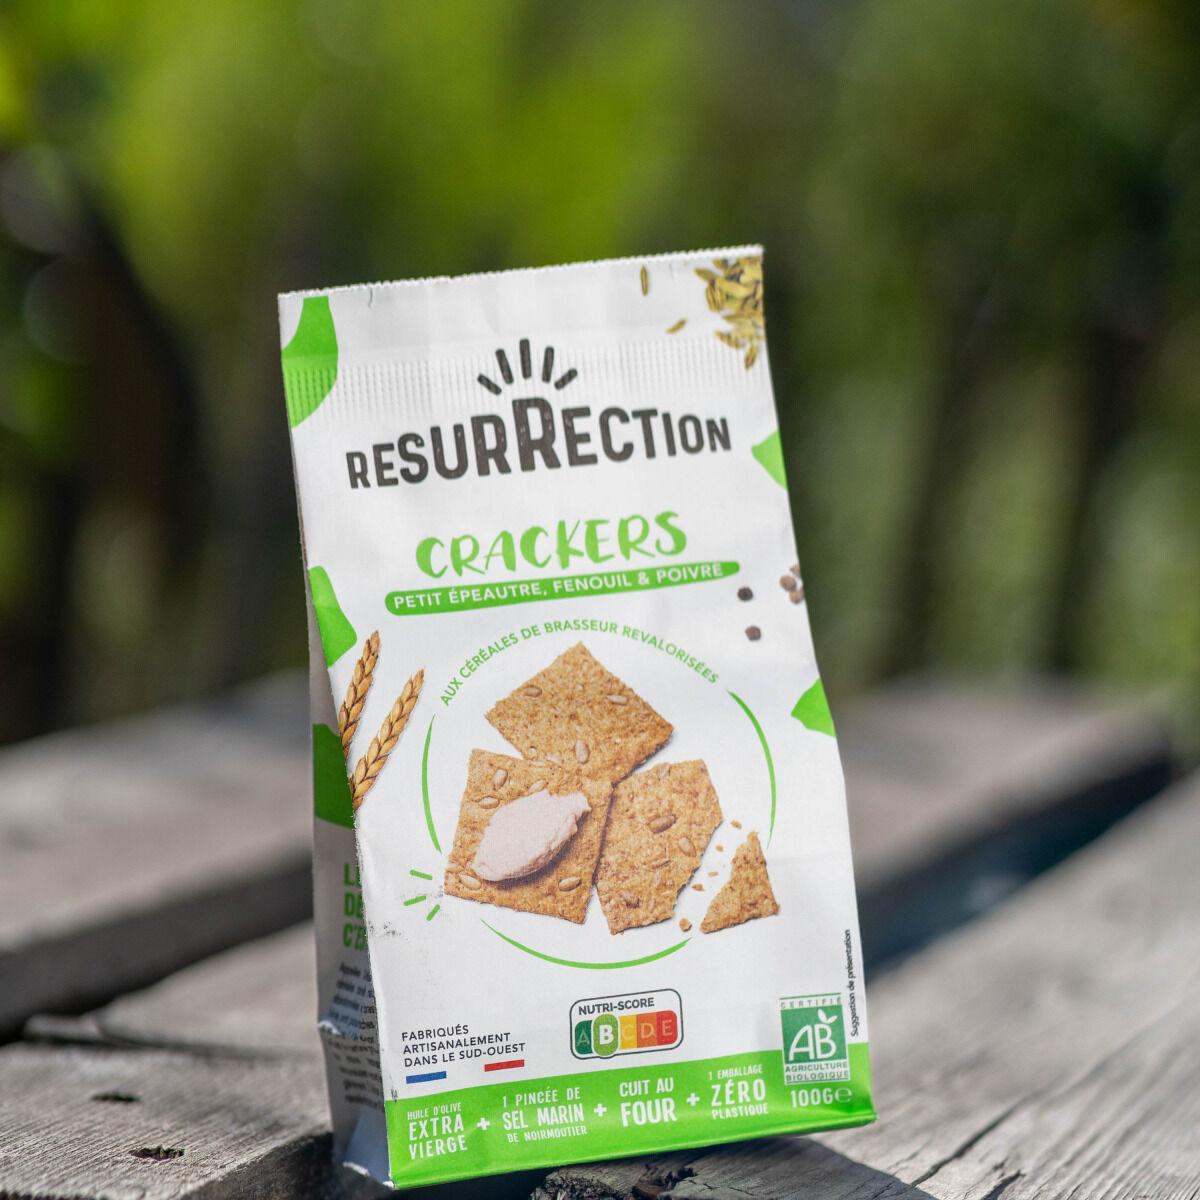 Crackers Résurrection Crackers Petit épeautre, fenouil & poivre  aux céréales de brasseur revalorisées